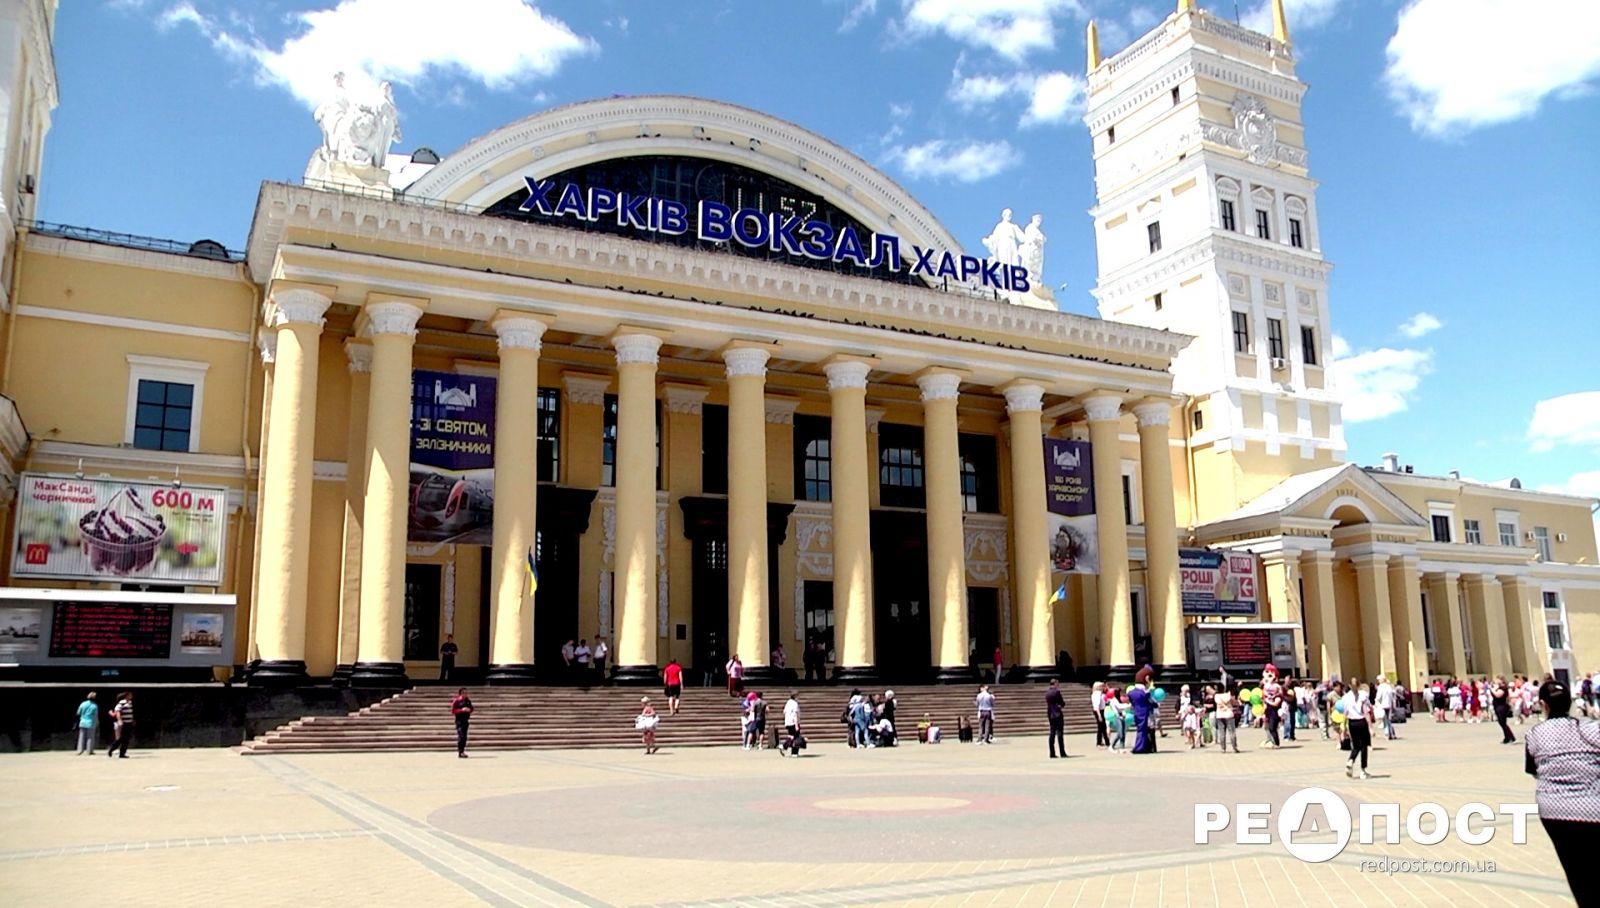 Бери - не хочу: Южный вокзал сдадут в долгосрочную аренду предпринимателям. новости Харькова